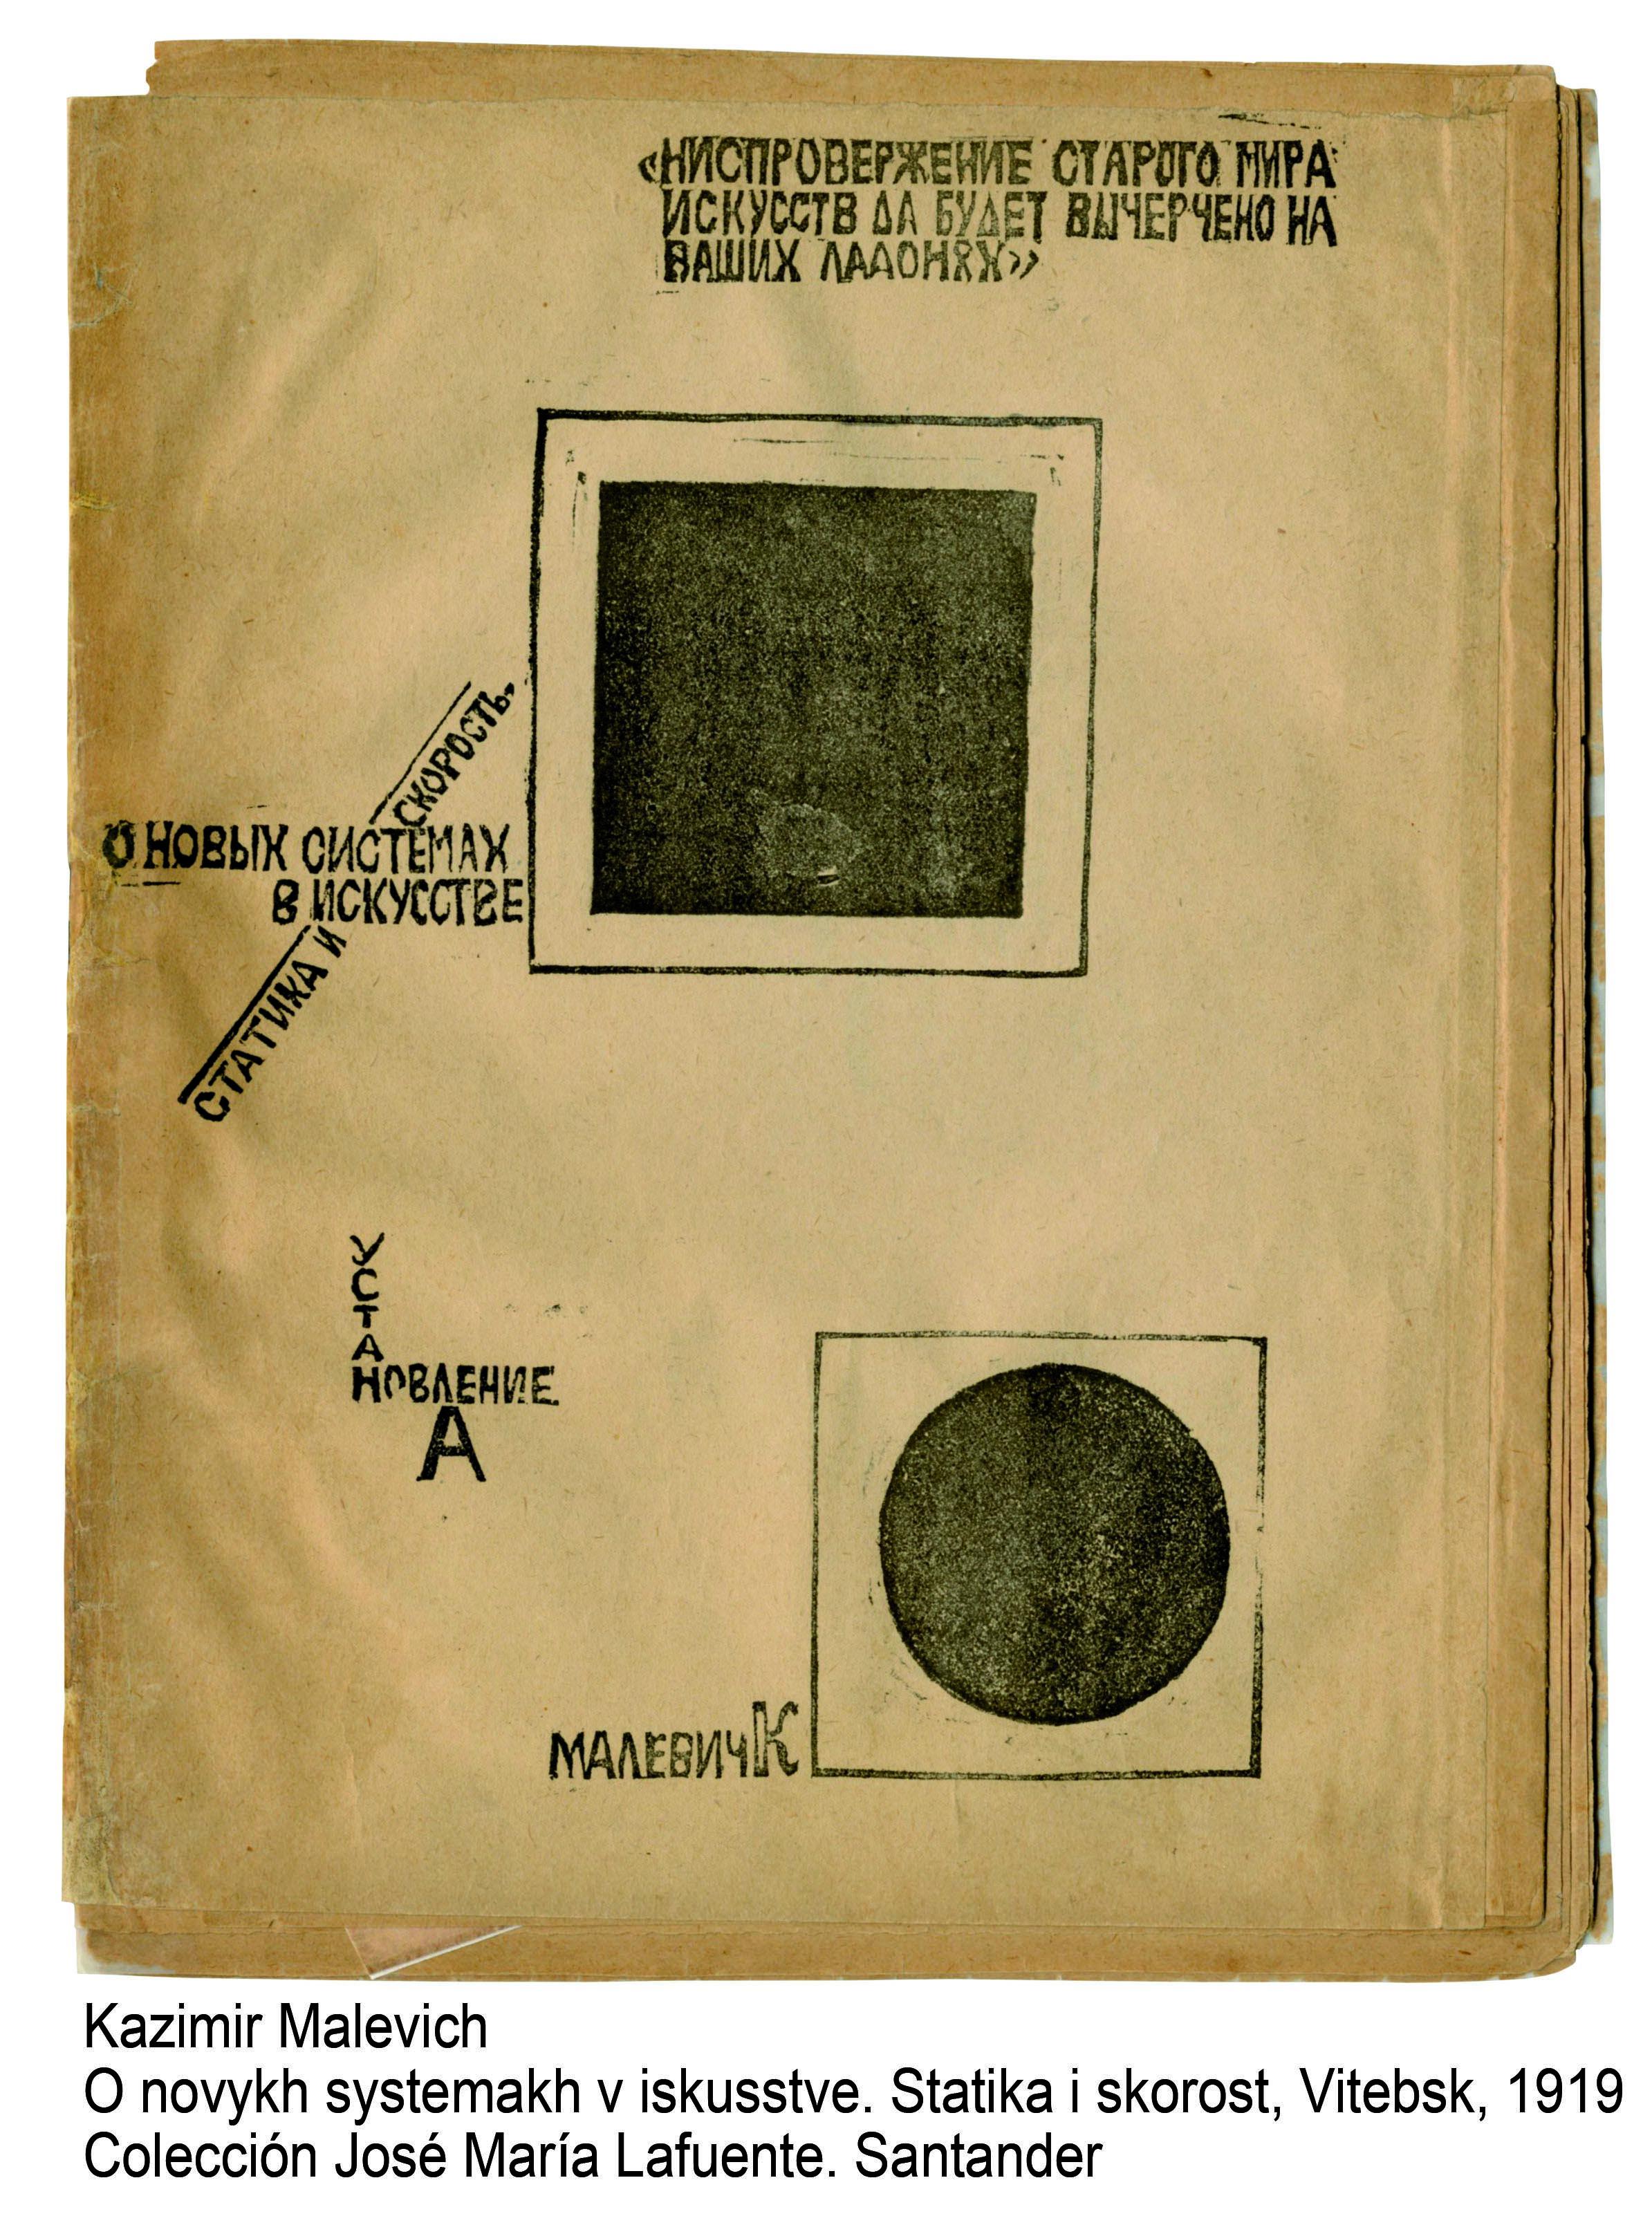 12-Kazimir Malevich O novykh systemakh v iskusstve